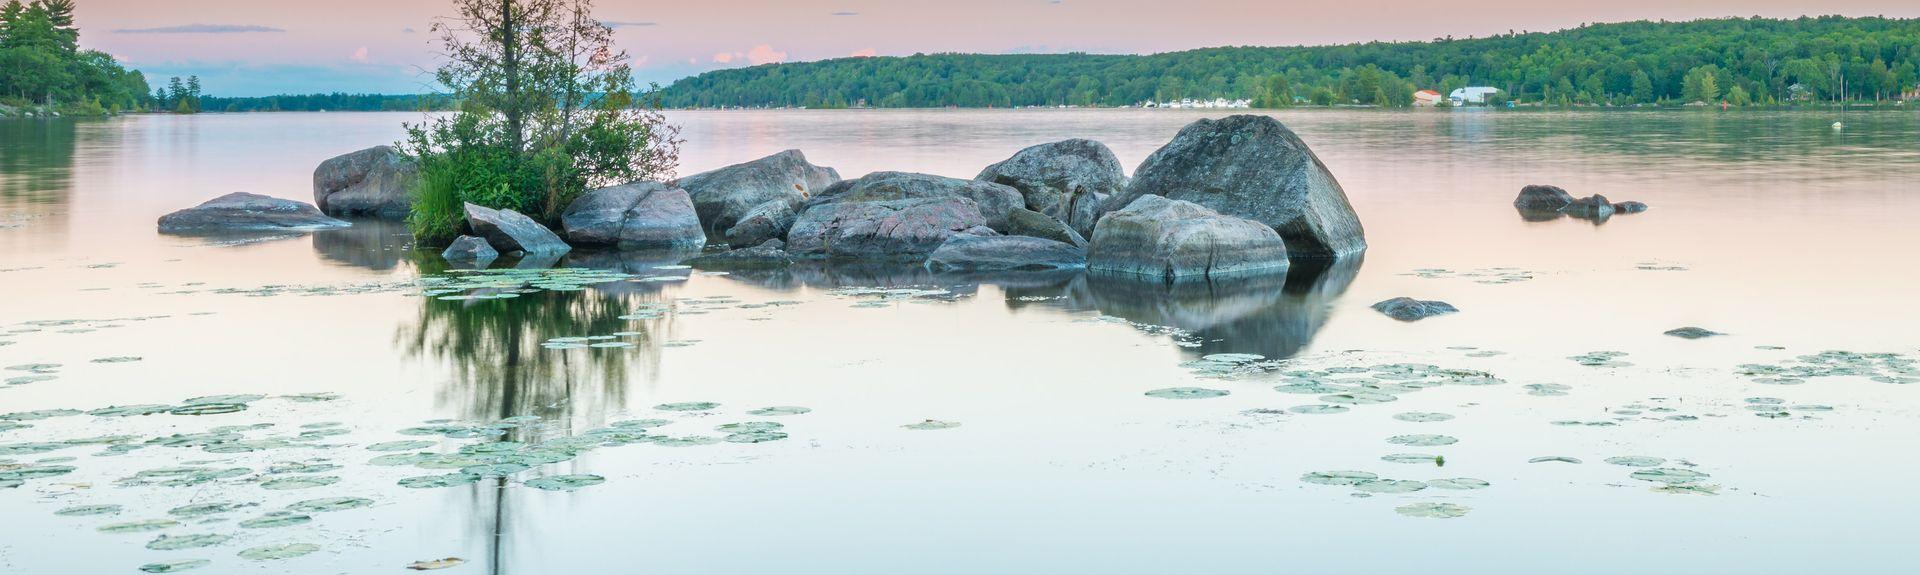 Buckhorn Lake, Ontario, Canada